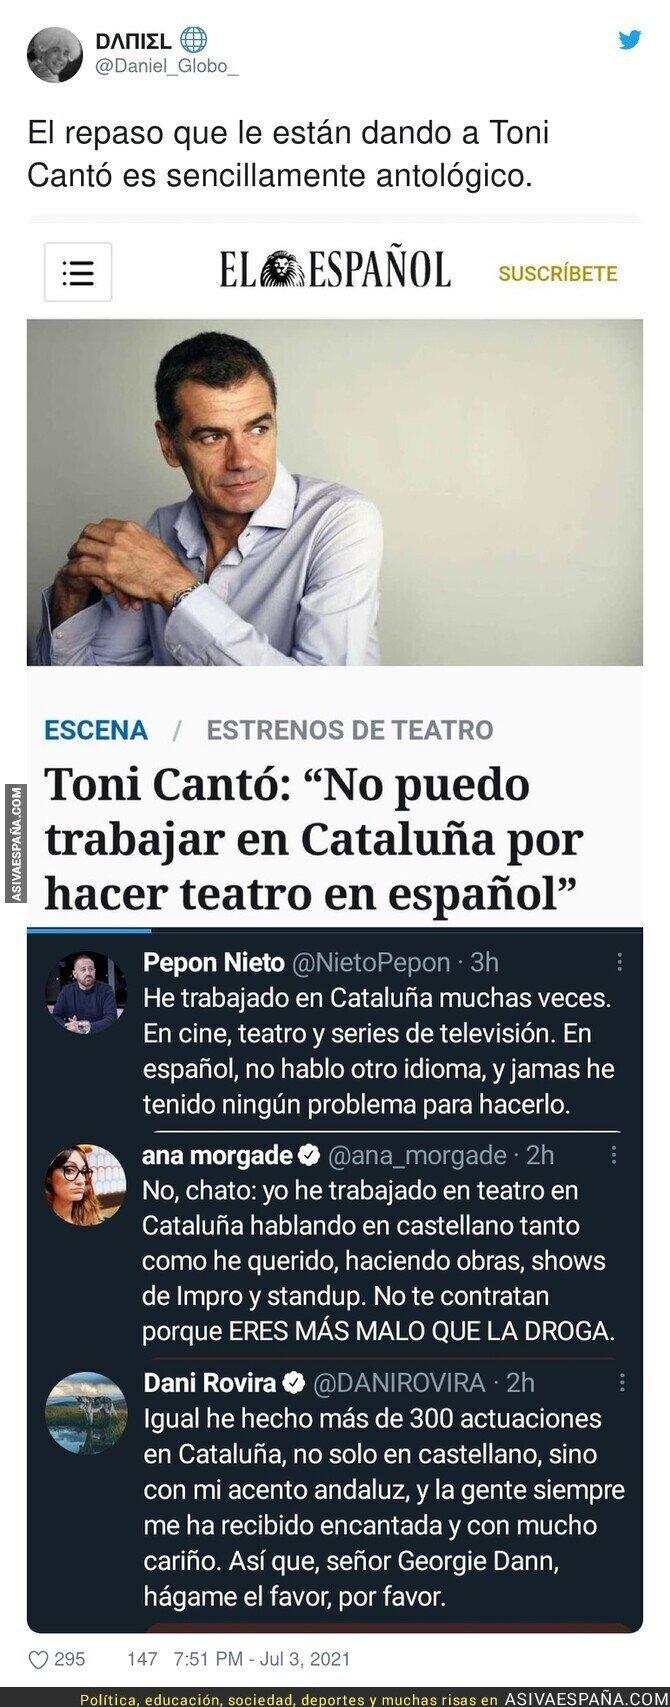 820916 - Todo el sector cultural está contra Toni Cantó por decir que hay problemas para trabajar en Catalunya si hablas en Español